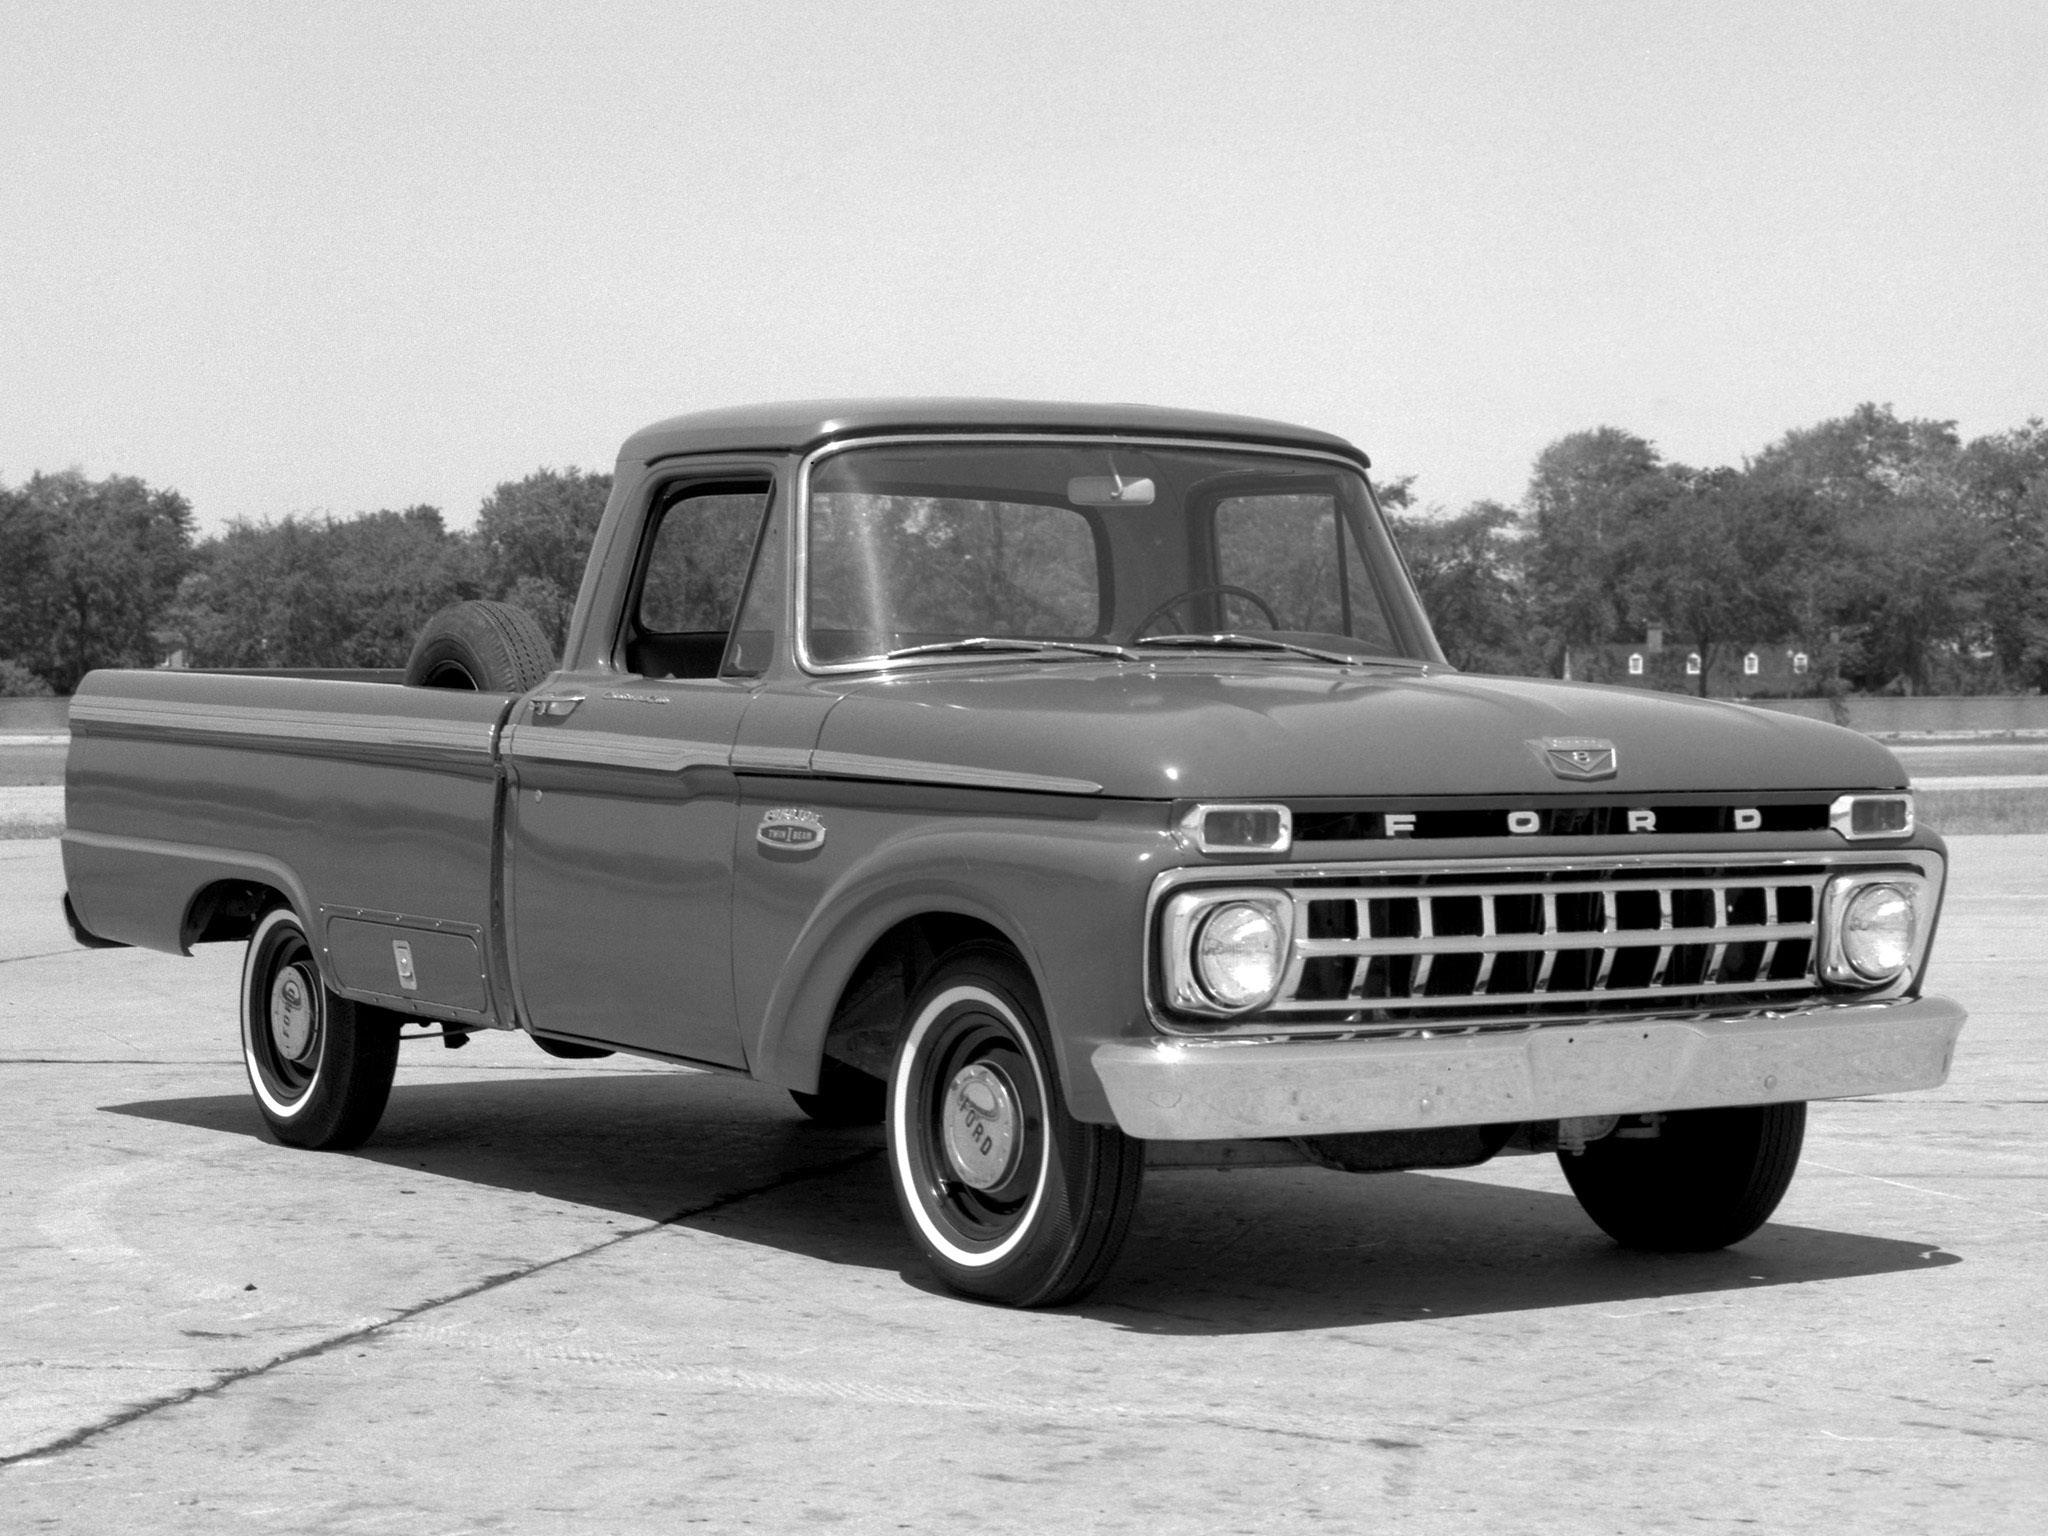 Classic Ford Truck Wallpaper 1965 ford f 100 truck classic 2048x1536